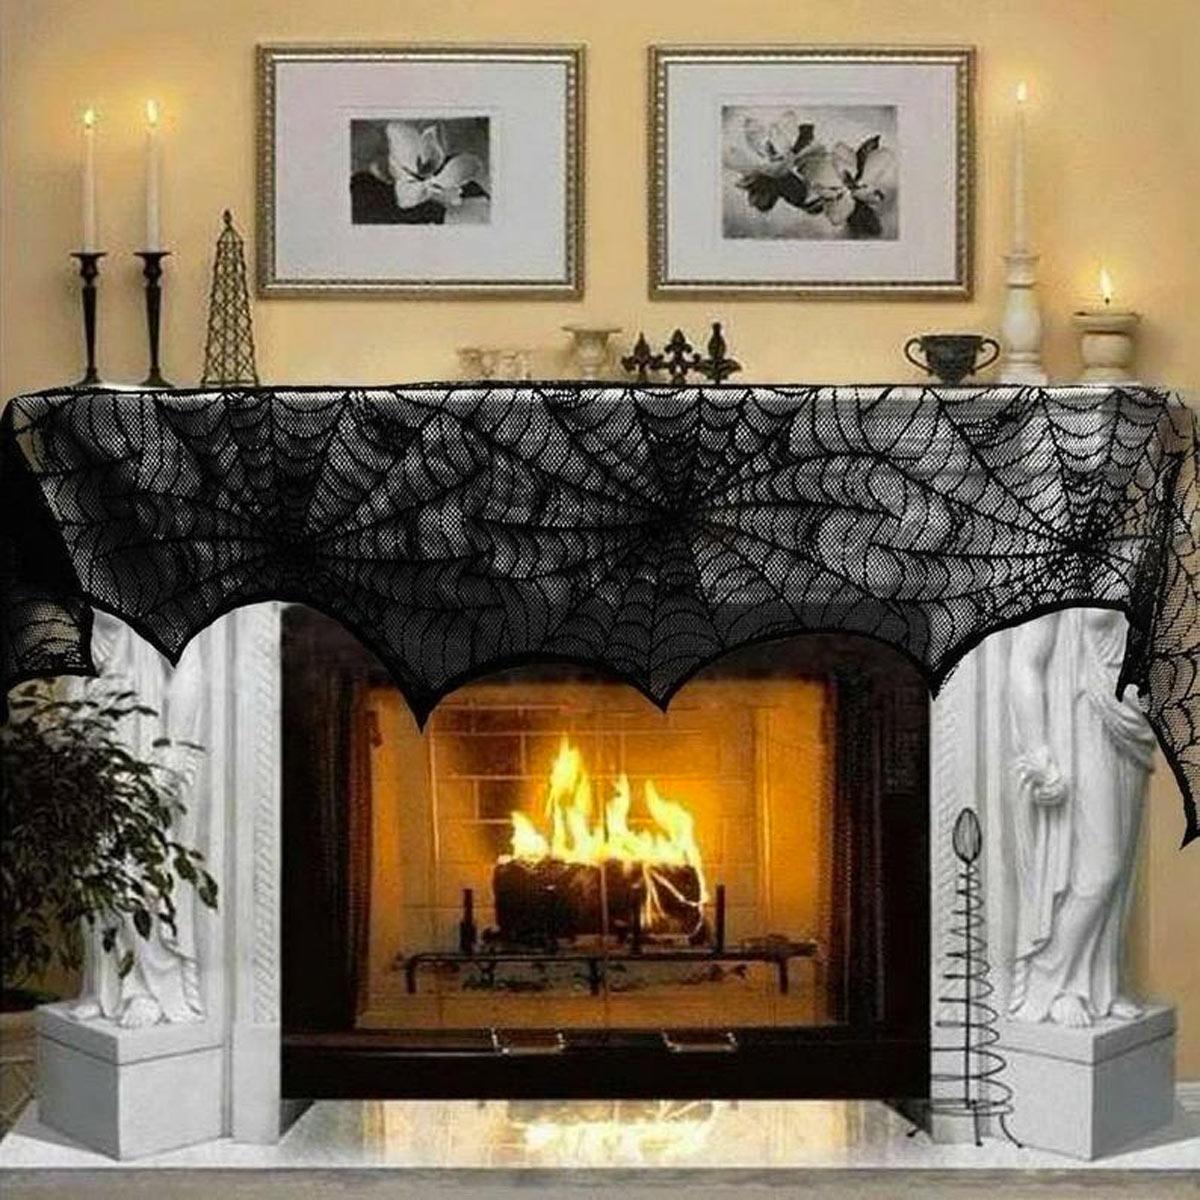 Camino in salotto decorato per Halloween con finta ragnatela nera.